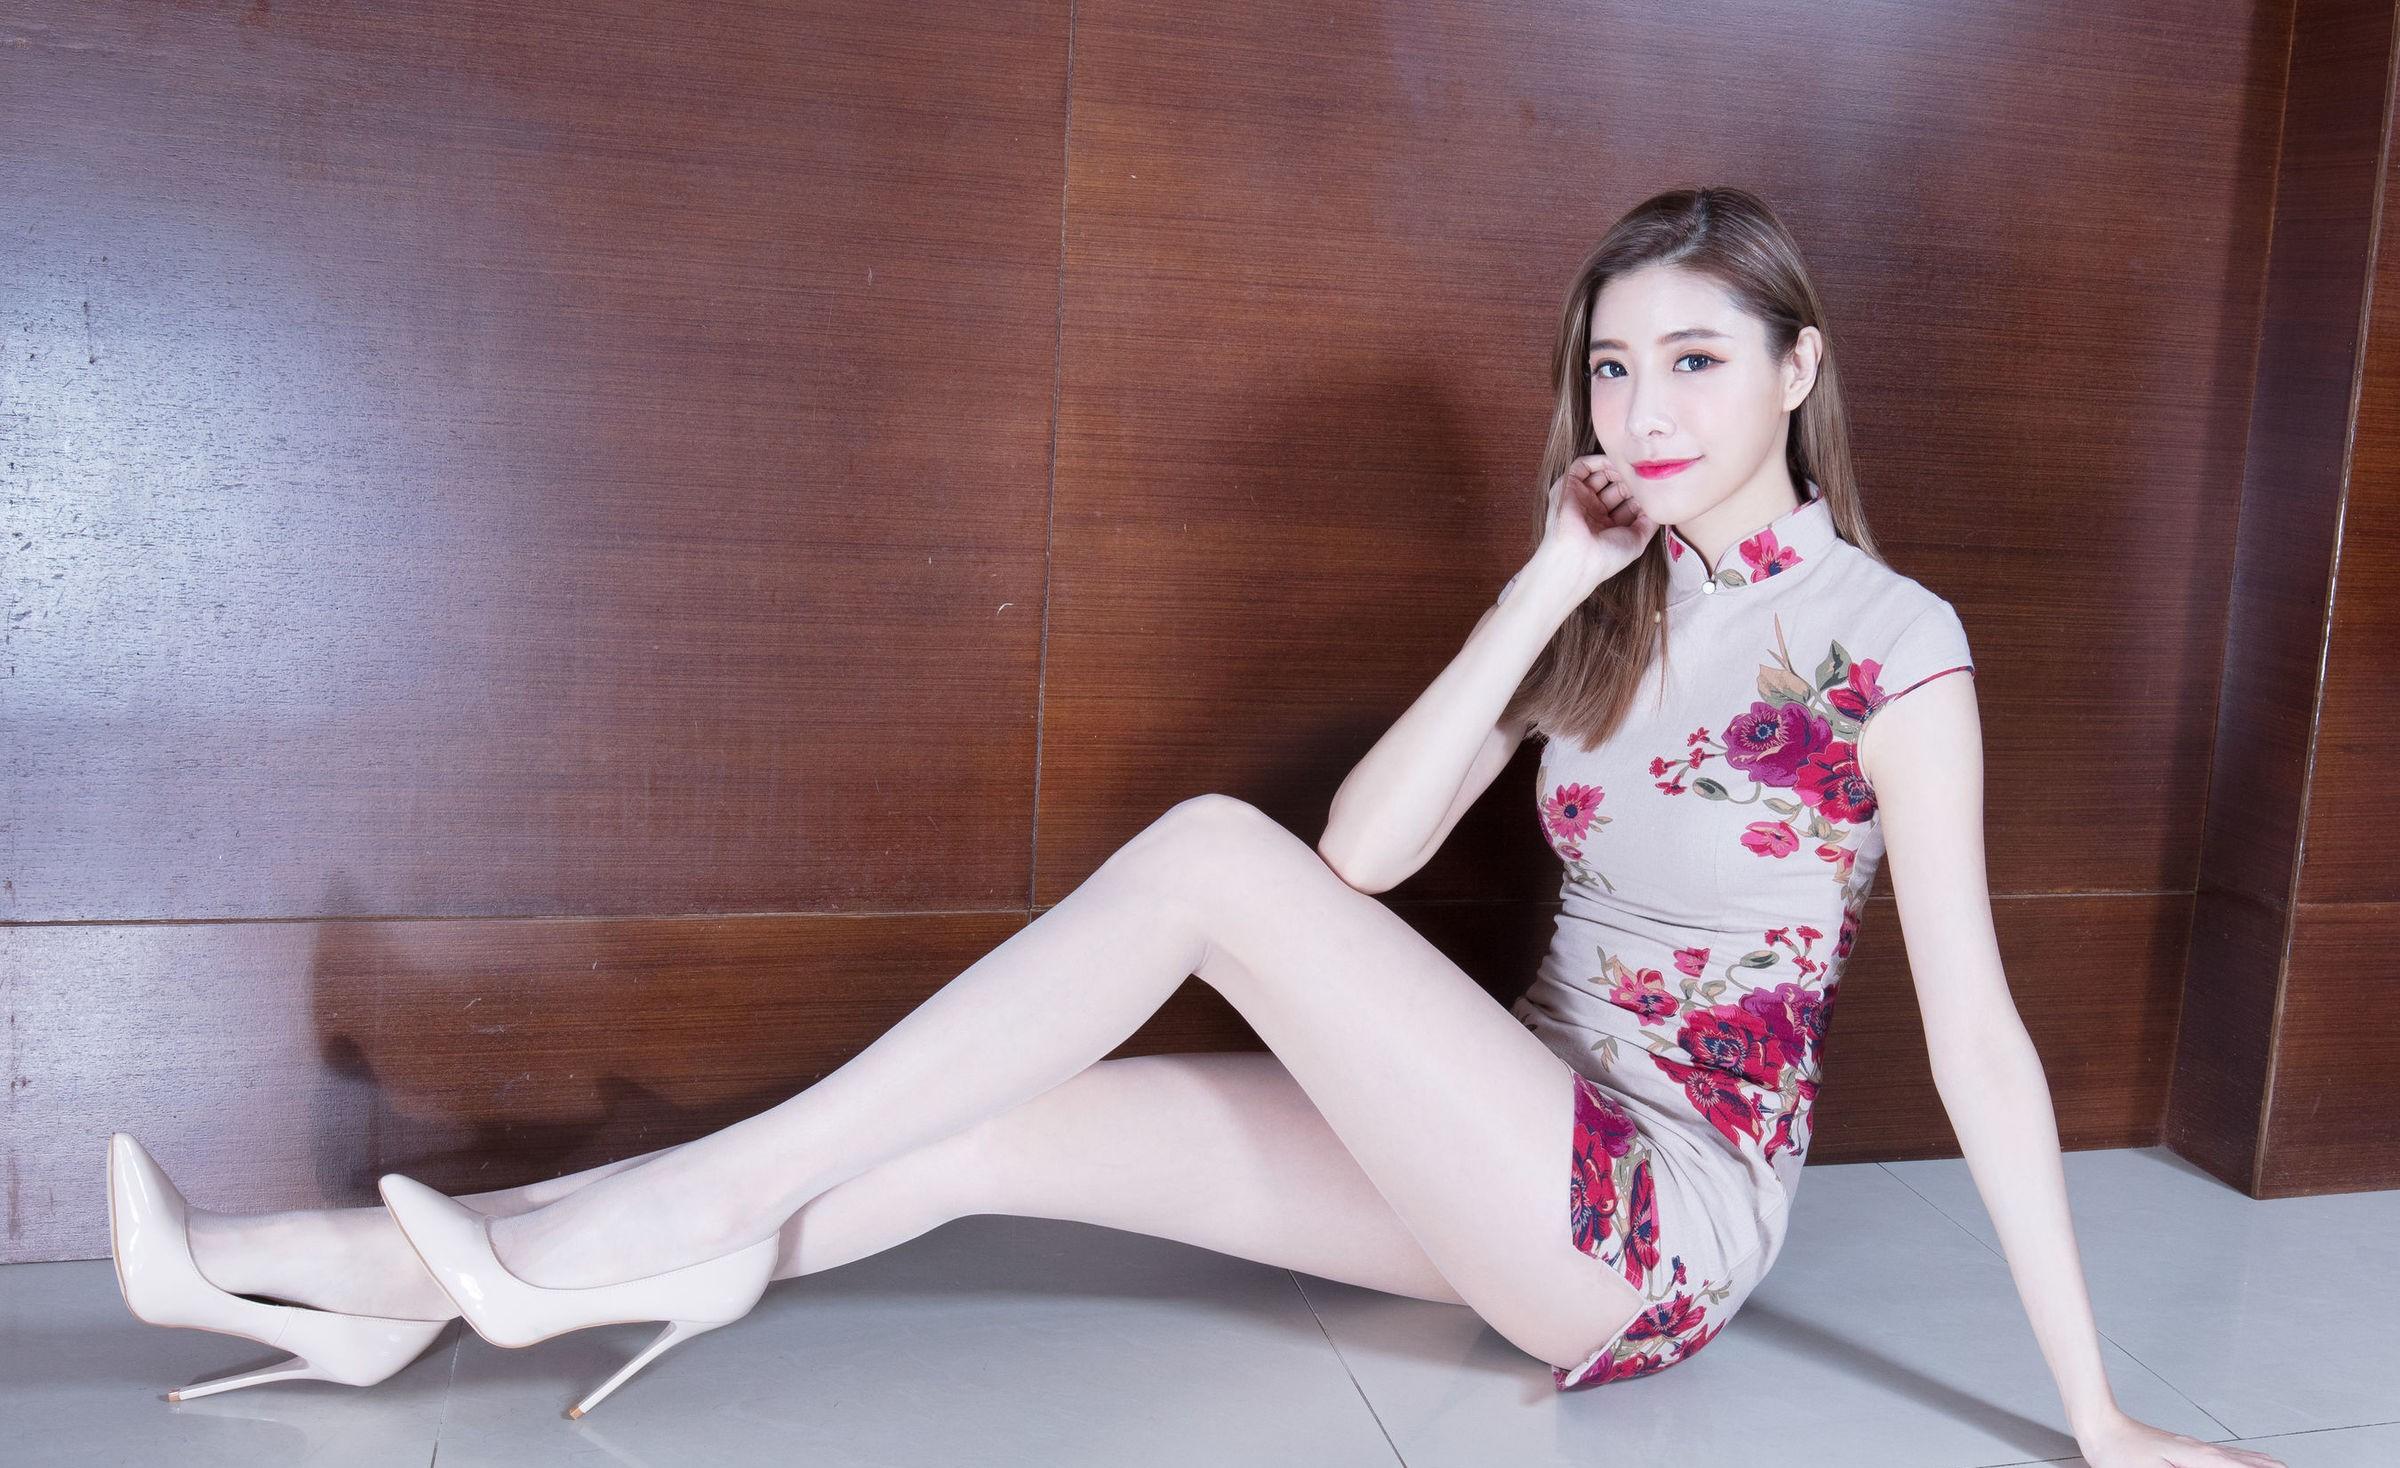 花柄チャイナドレスがセクシーなBEAUTYLEG Abby 8